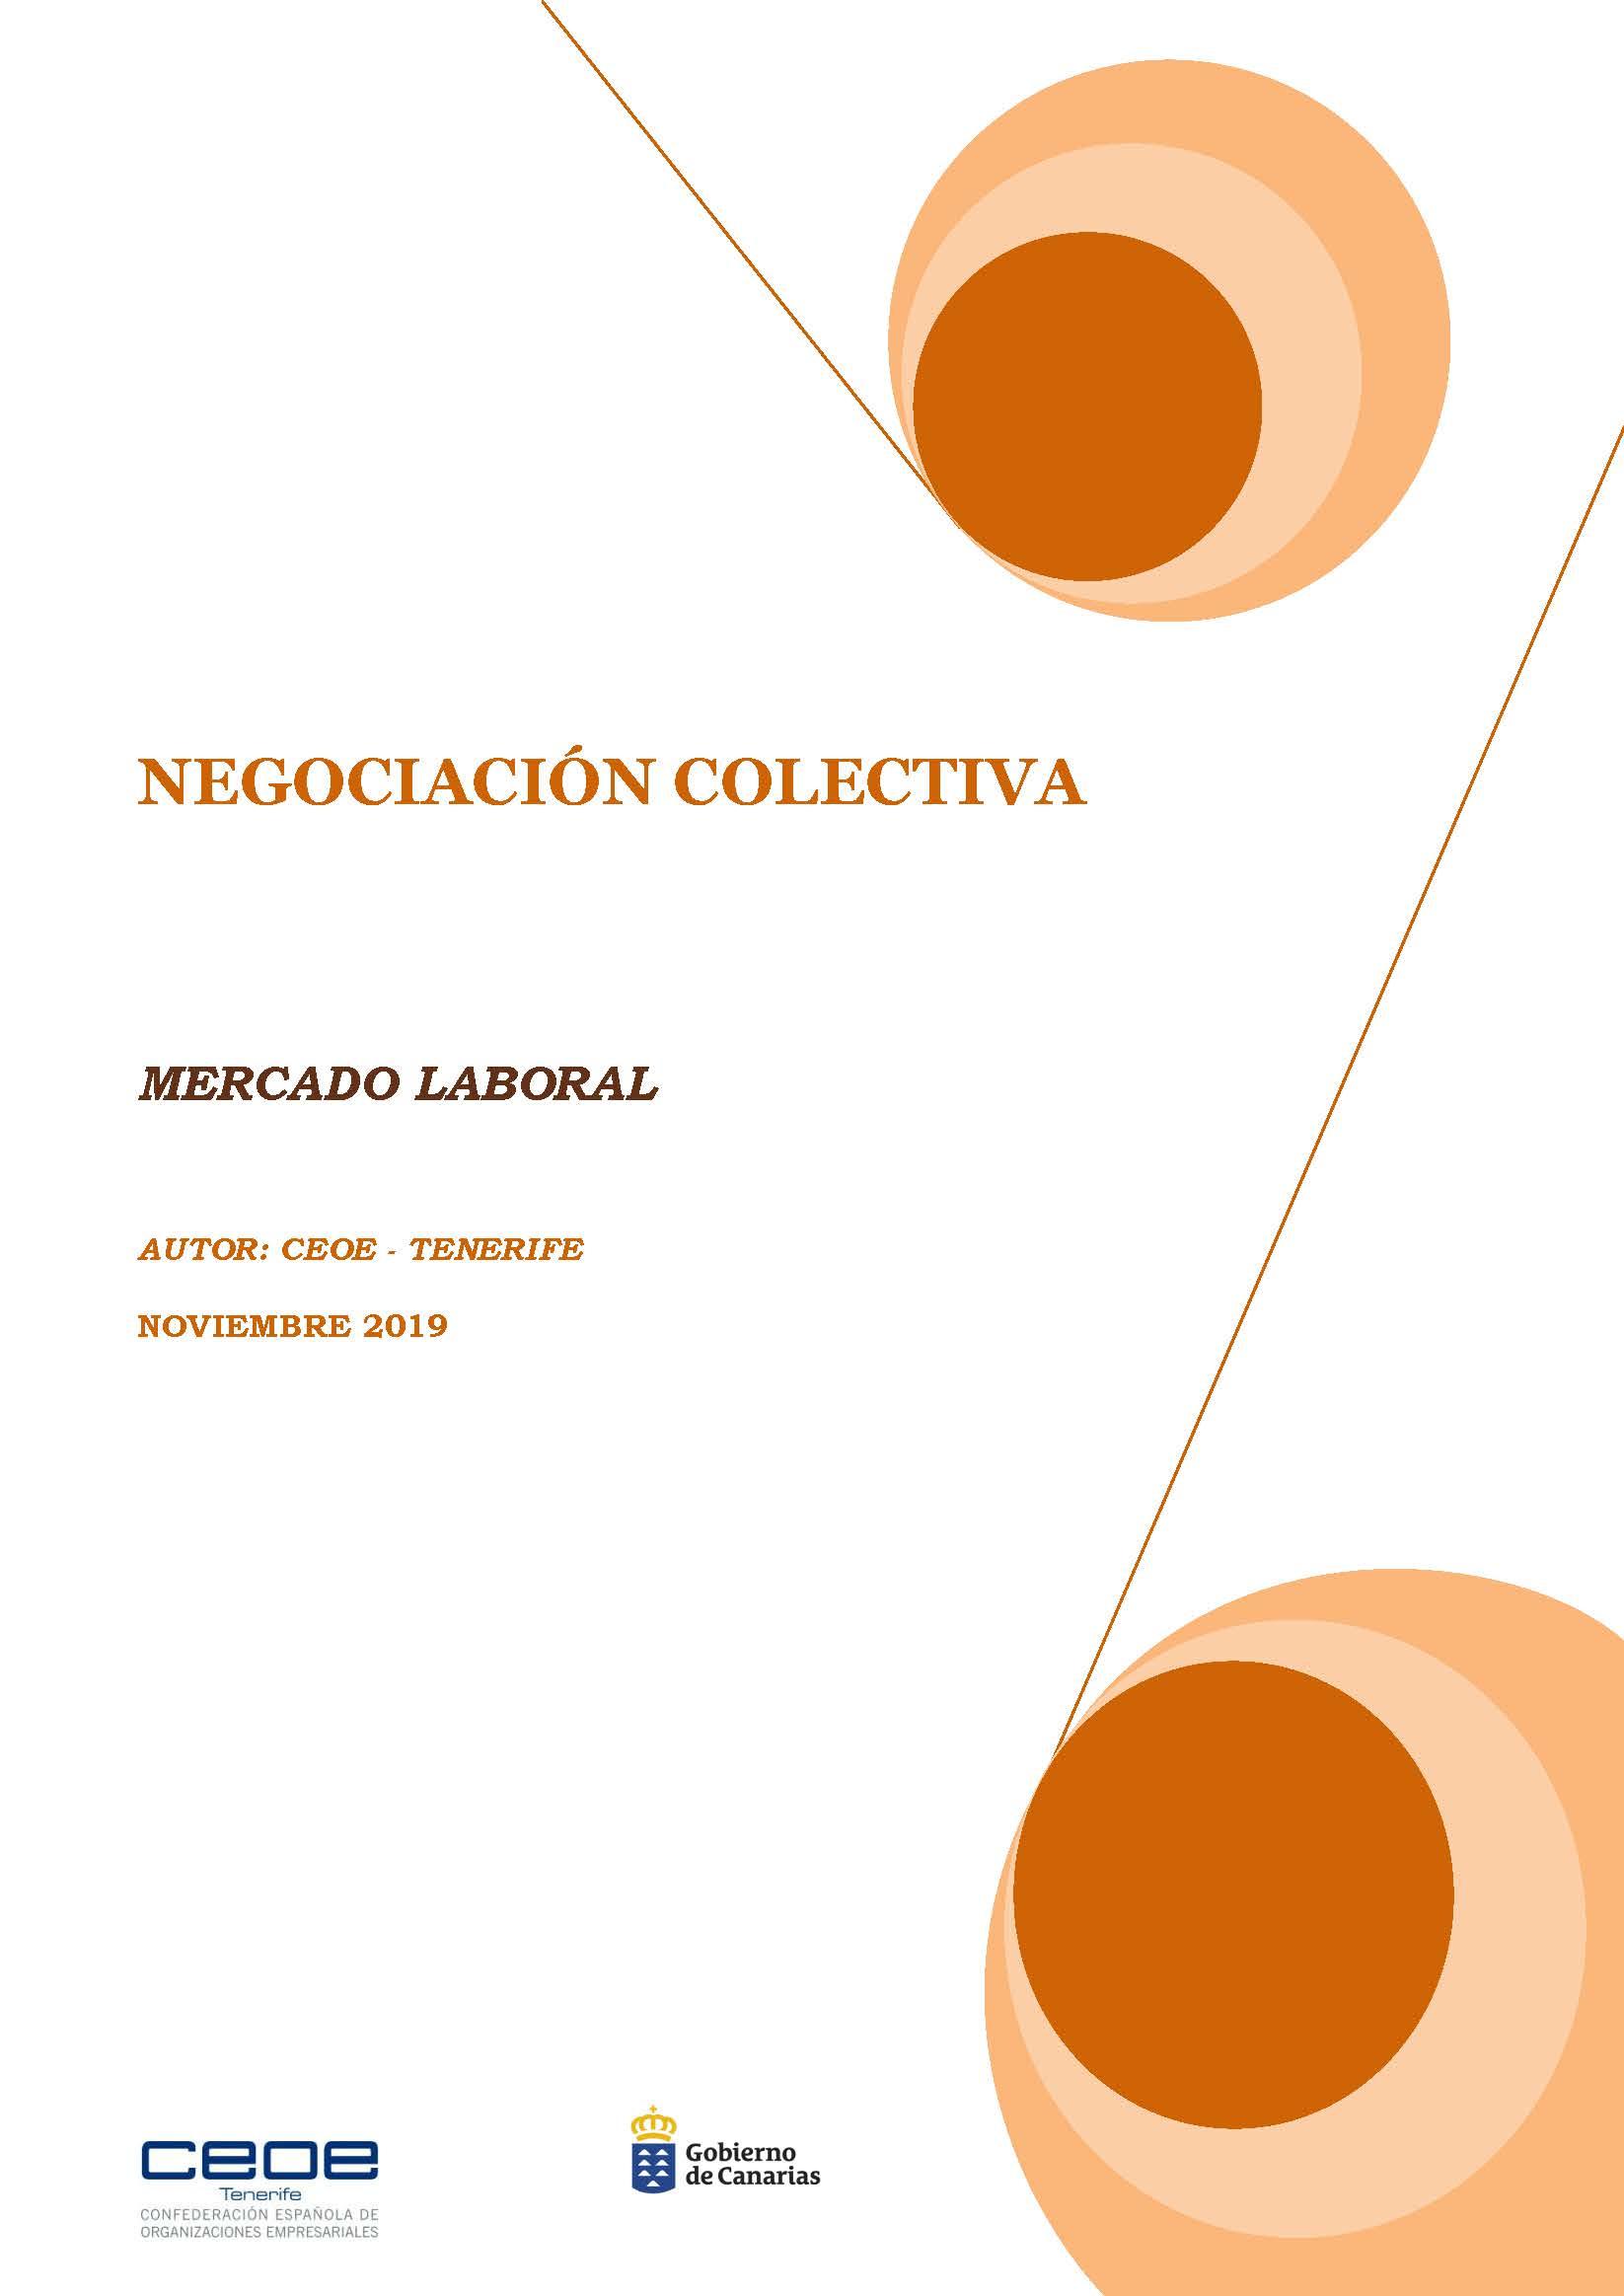 MERCADO LABORAL - NEGOCIACION COLECTIVA NOVIEMBRE2019